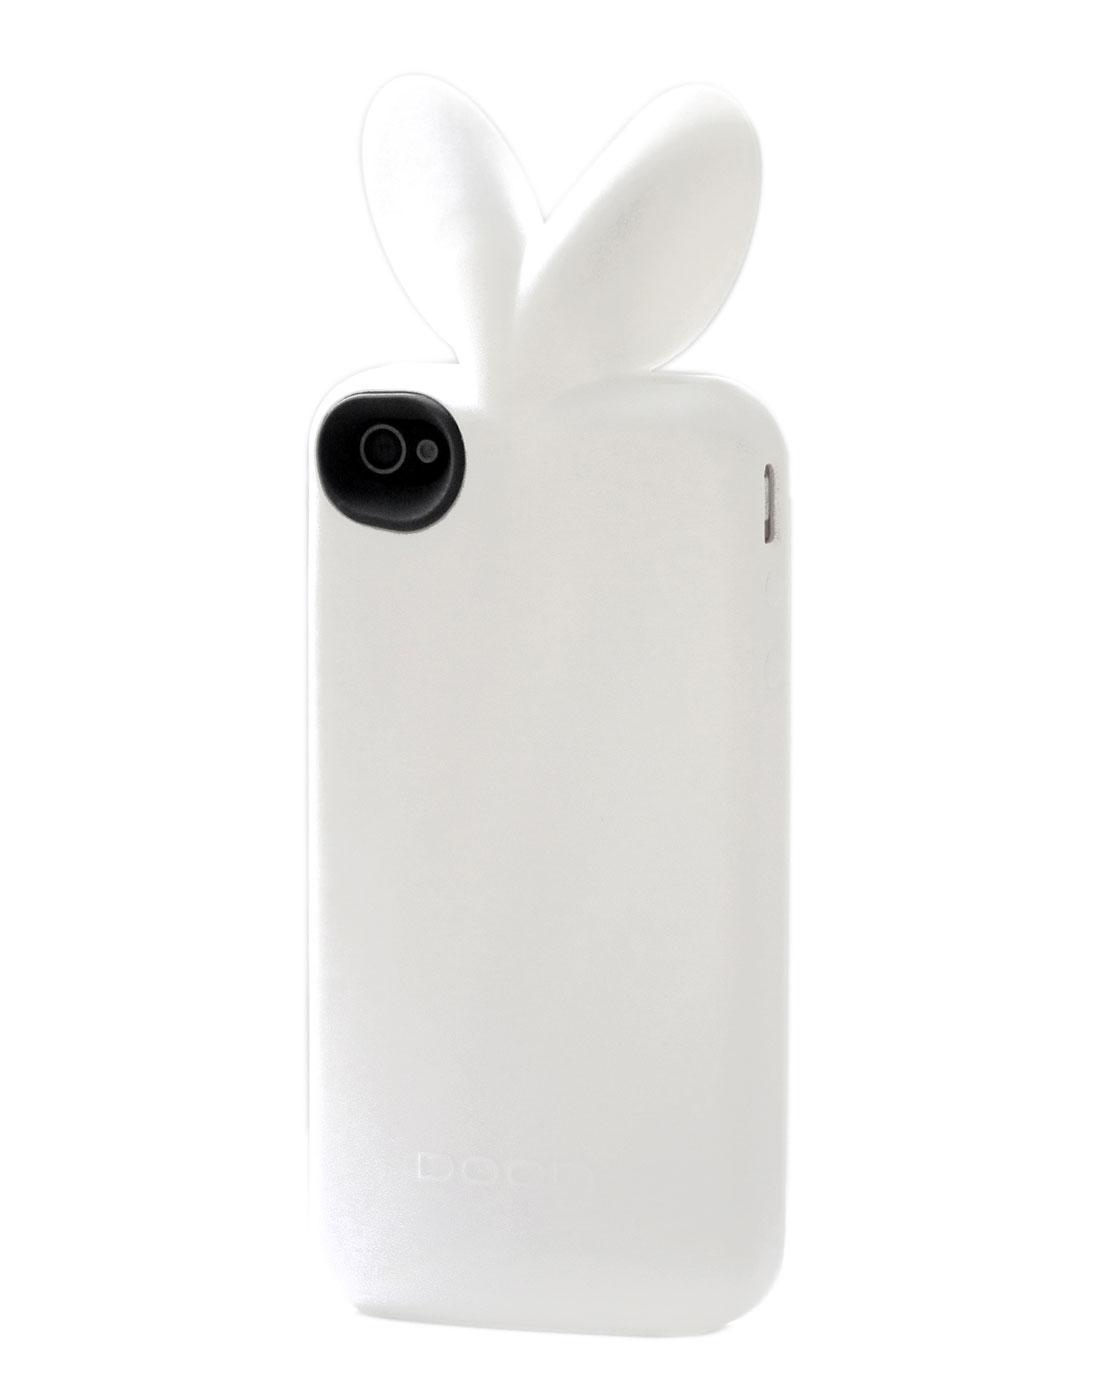 兔子耳朵手机壳-白色